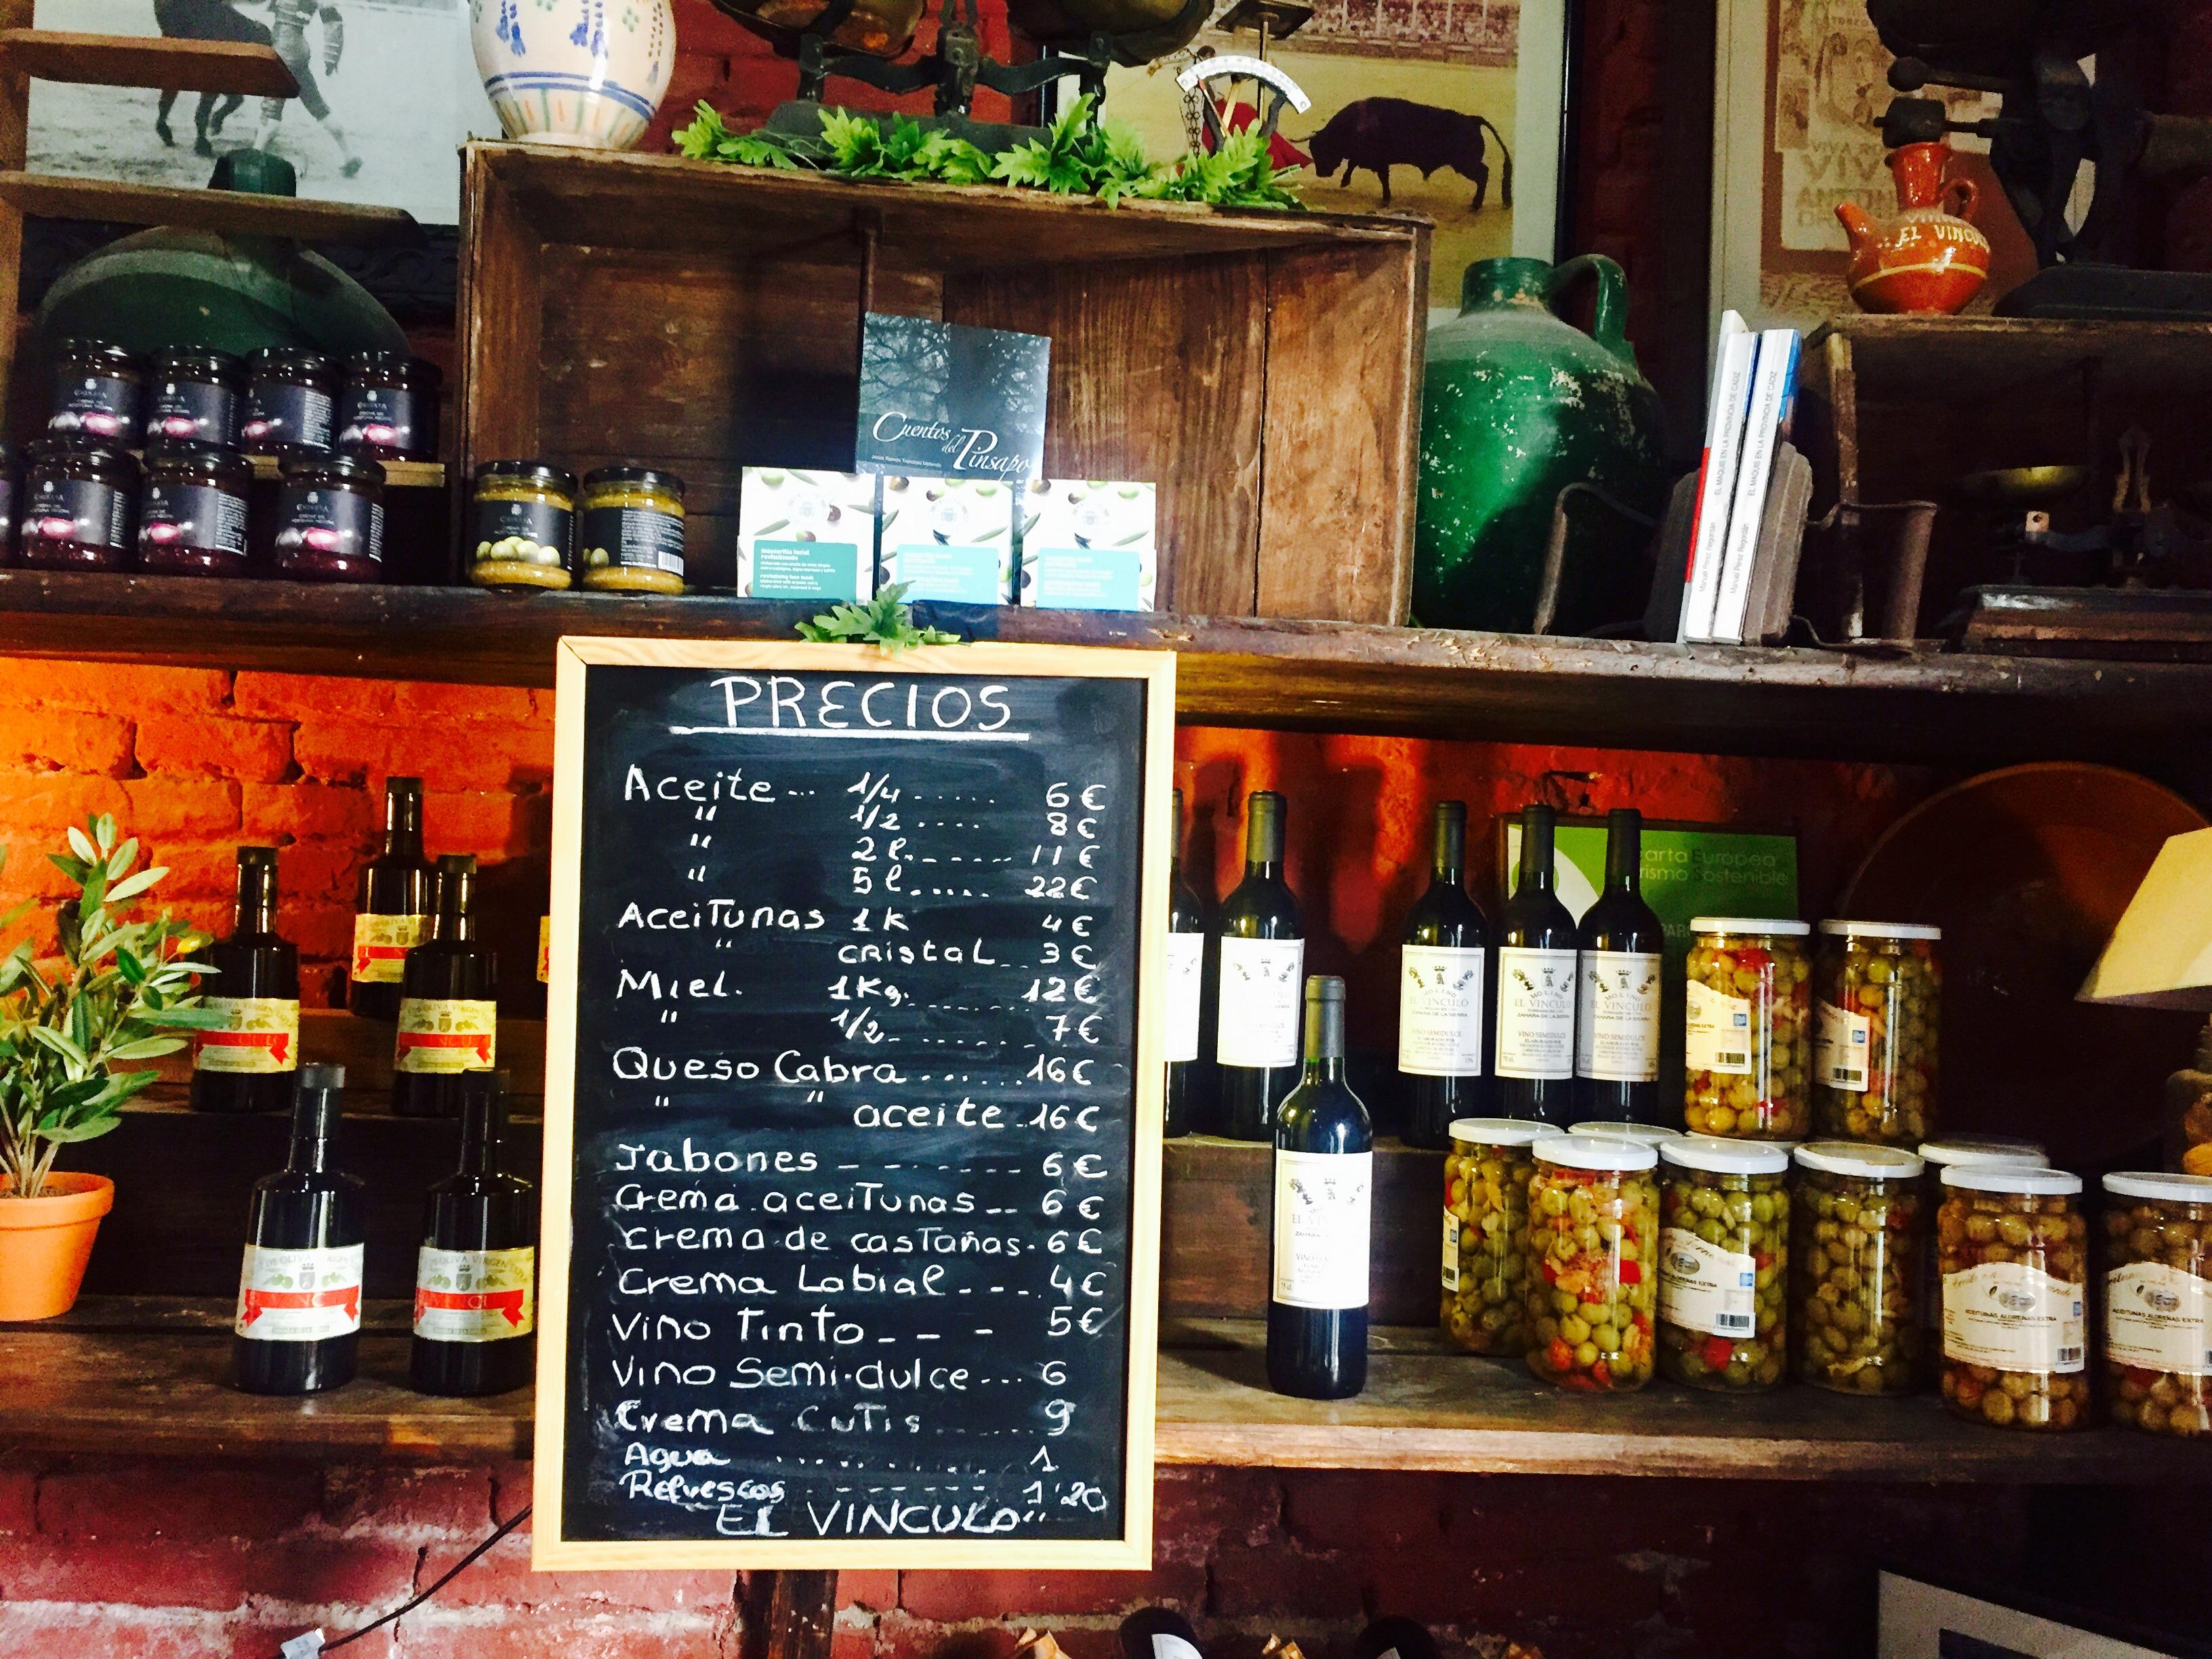 Spain: El Vinculo Olive Oil